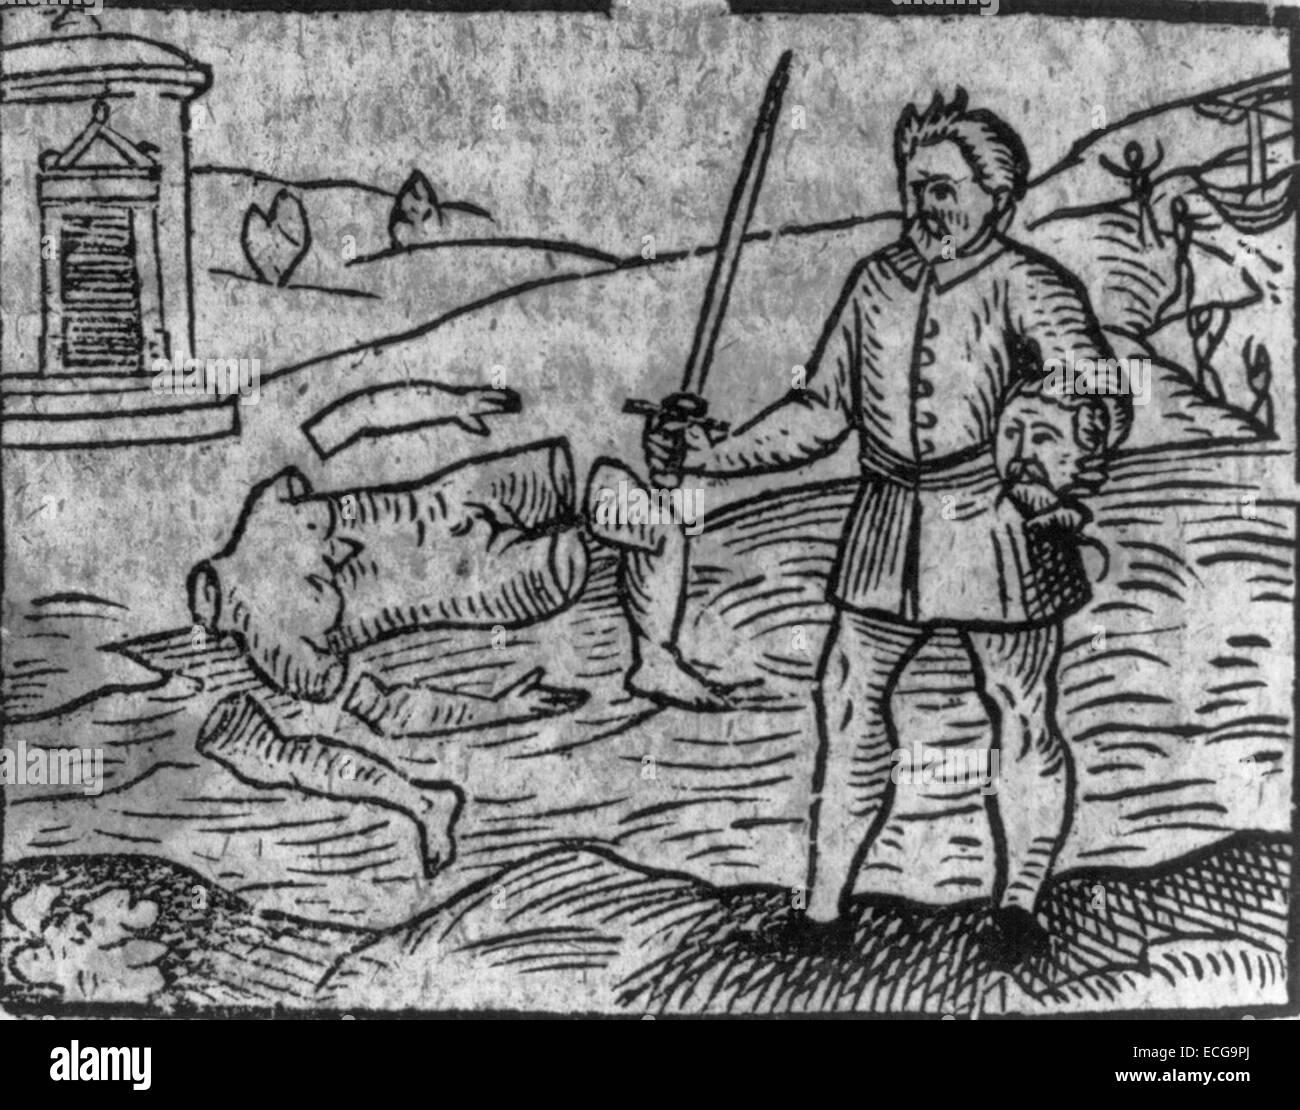 Mann mit Schwert und Kopf der enthaupteten, zerstückelte Körper im Hintergrund, Holzschnitt, ca. 1599 Stockbild